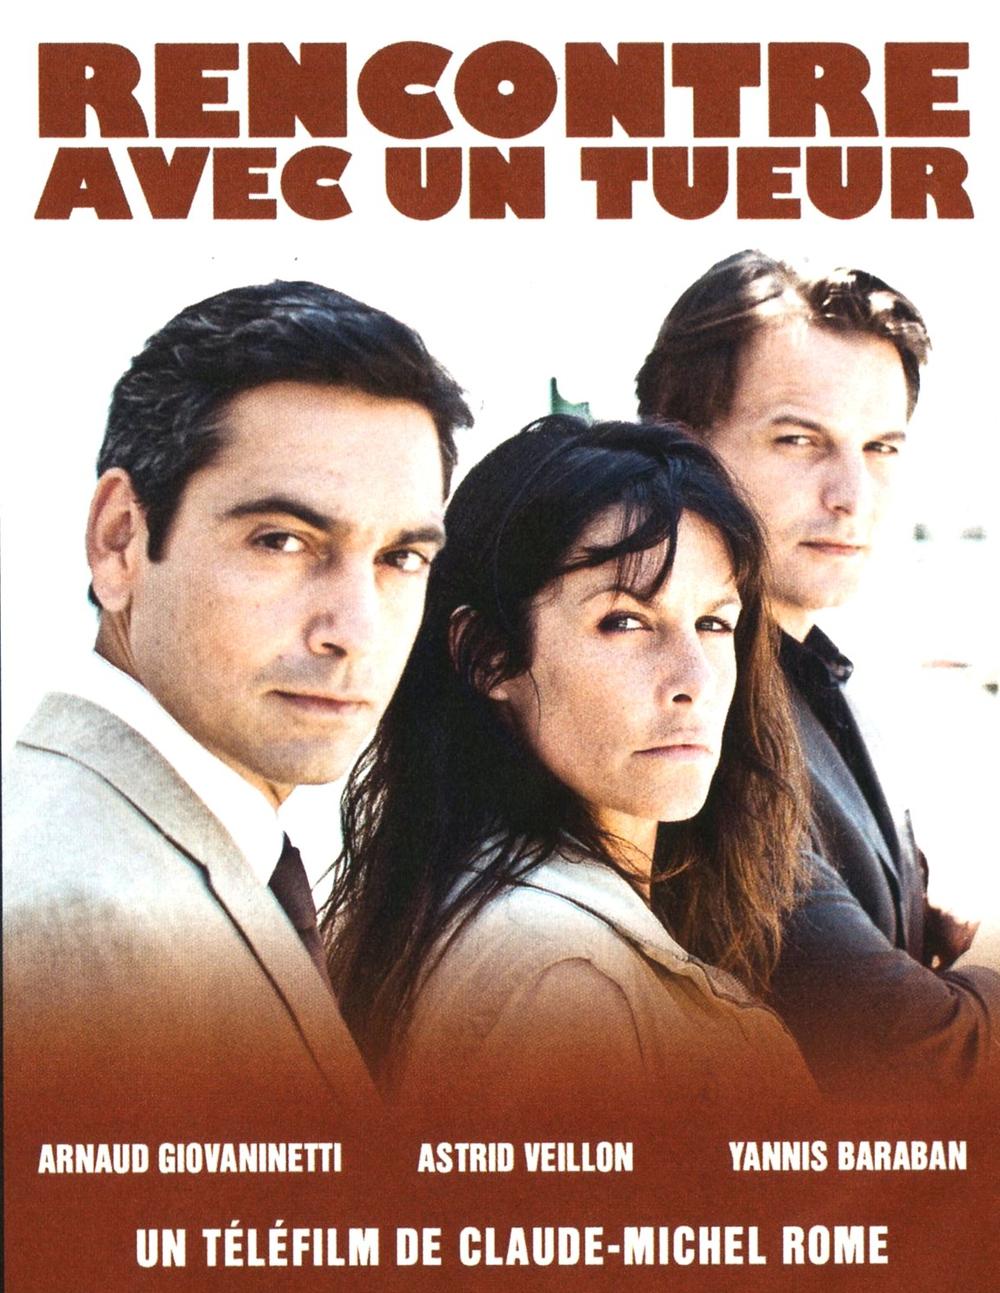 affiche du film Rencontre avec un tueur (TV)